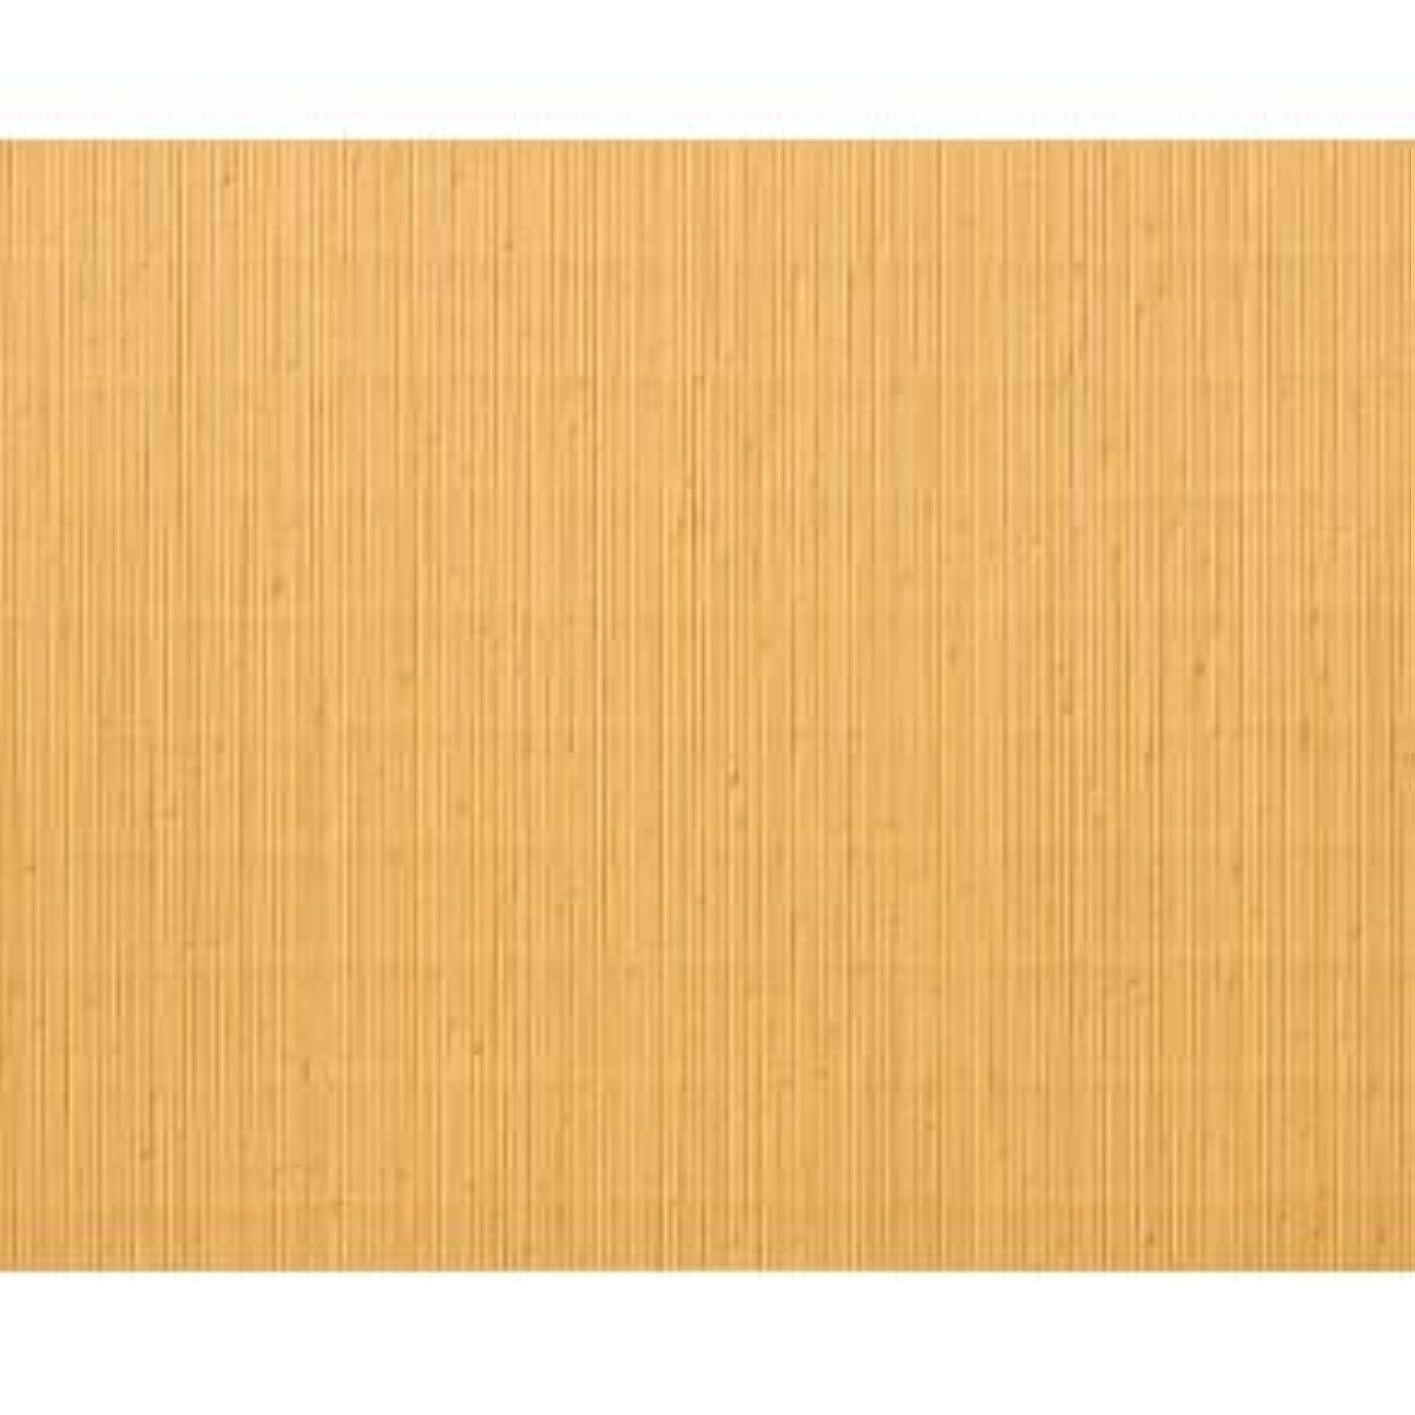 愛国的な店員衰える東リ クッションフロアP 籐 色 CF4133 サイズ 182cm巾×9m 〔日本製〕